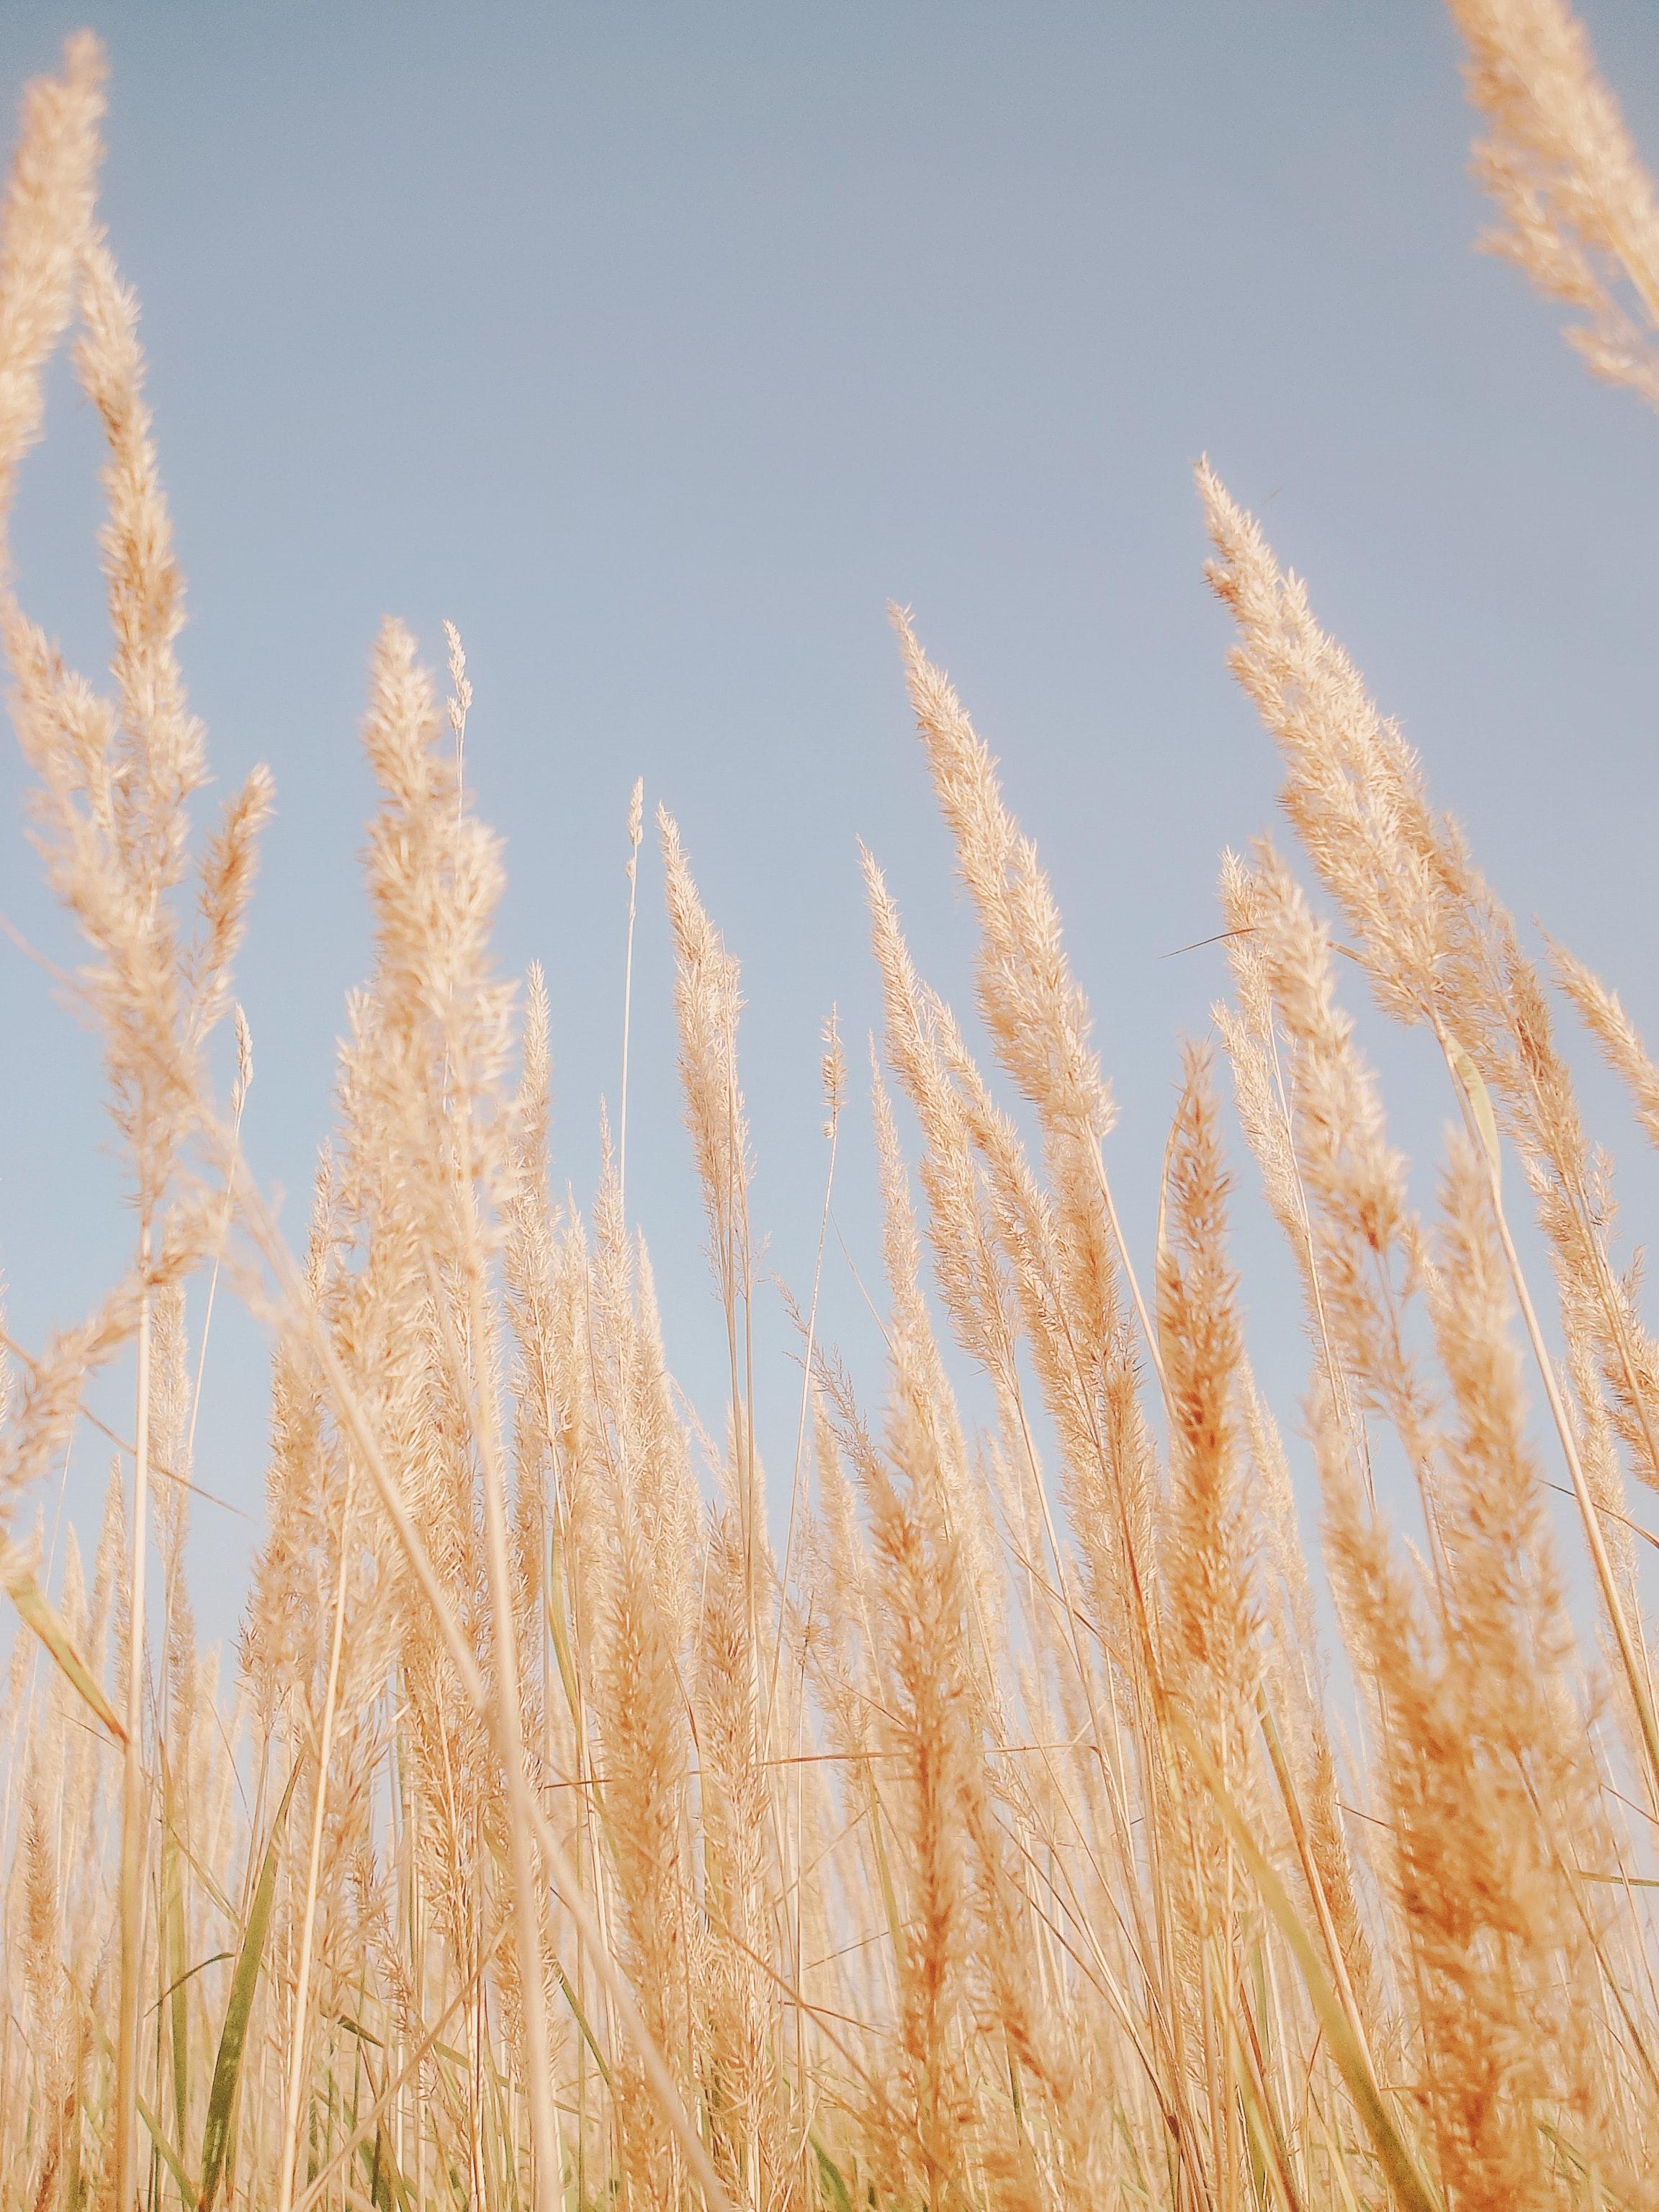 64925 скачать обои Природа, Тростник, Трава, Коричневый, Сухой, Растения - заставки и картинки бесплатно